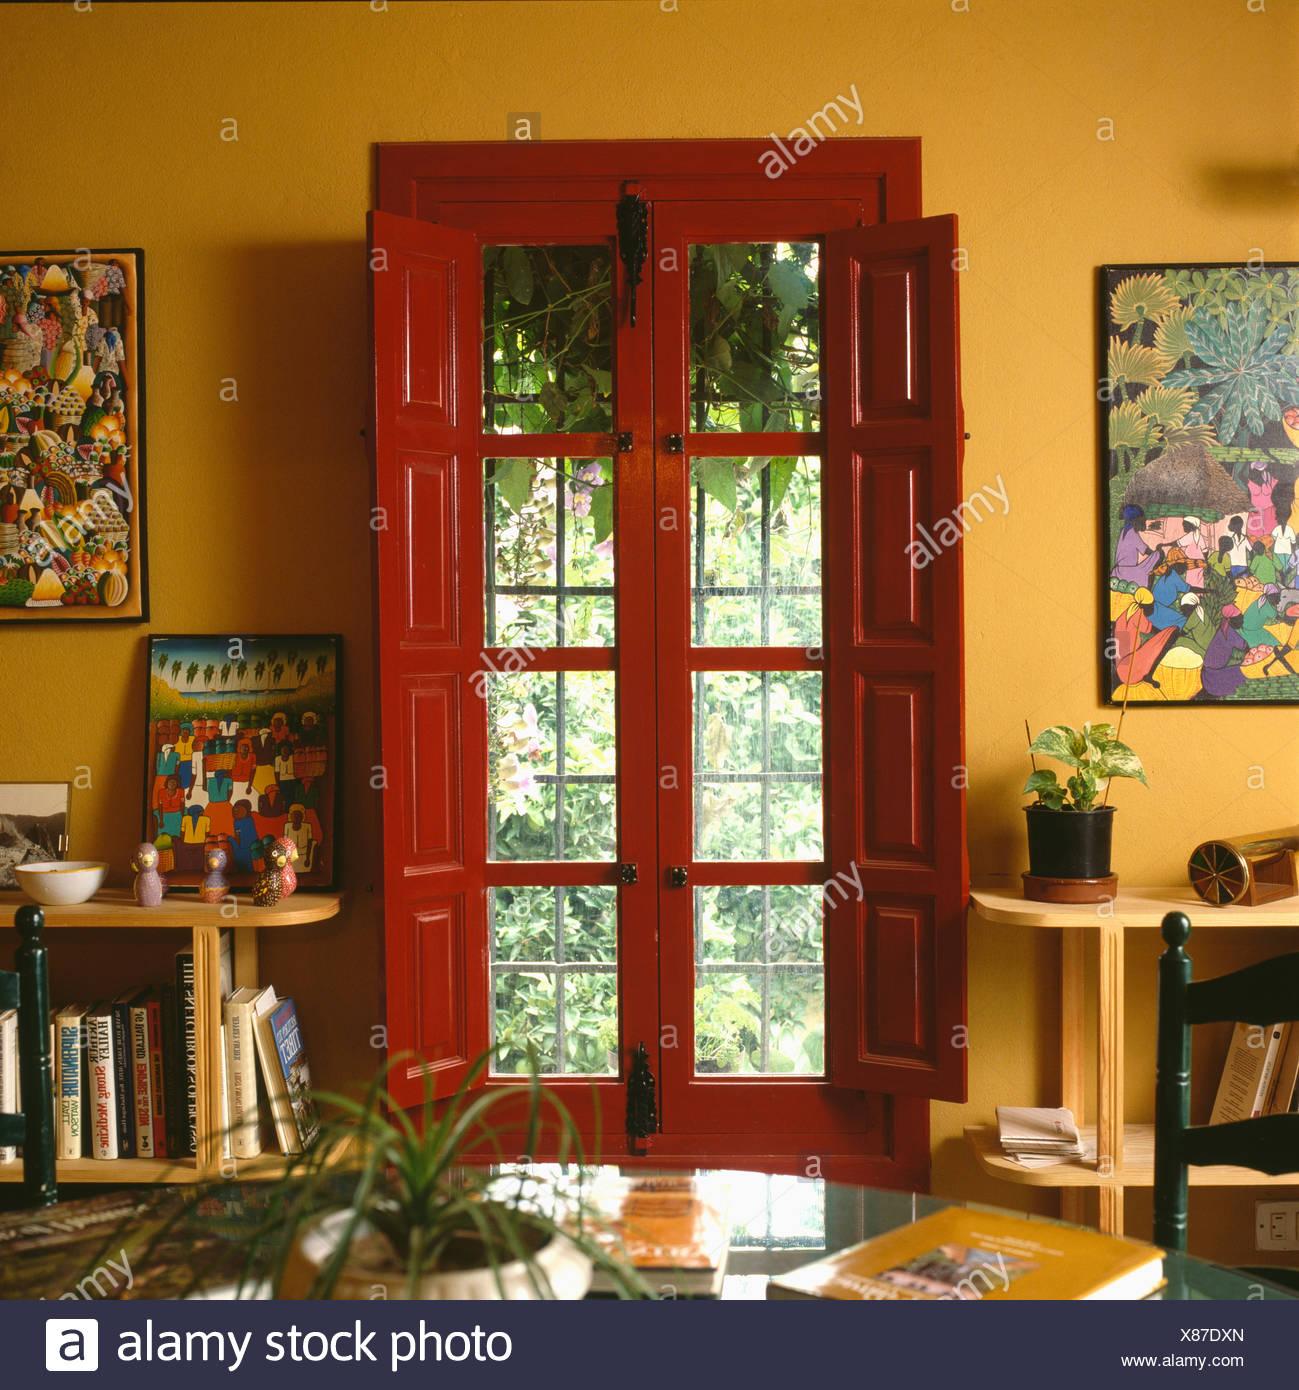 Roten Fensterläden Und Windowframe Auf Französisch Türen In Gelb 70er Jahre  Spanisch Esszimmer